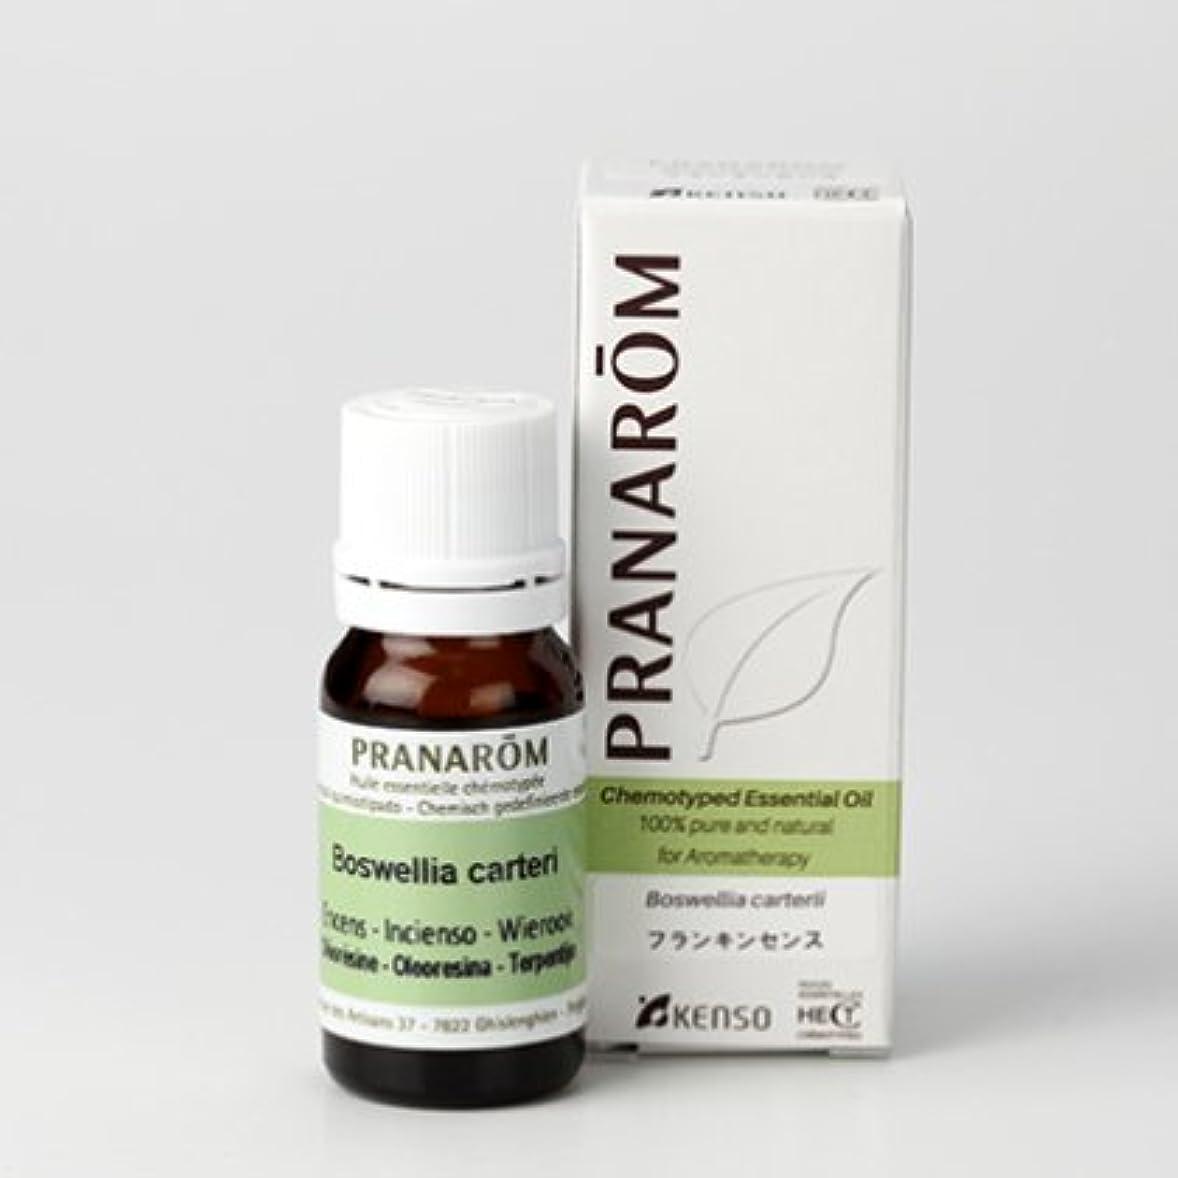 小間フラスコパースフランキンセンス 10mlミドルノート プラナロム社エッセンシャルオイル(精油)